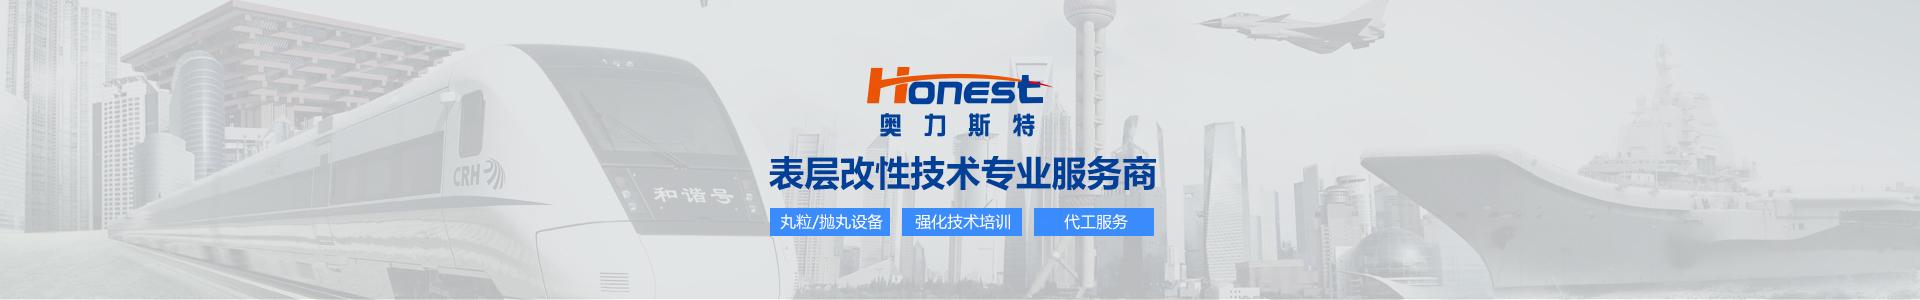 http://www.honest-cn.com/data/images/slide/20200409095556_782.jpg